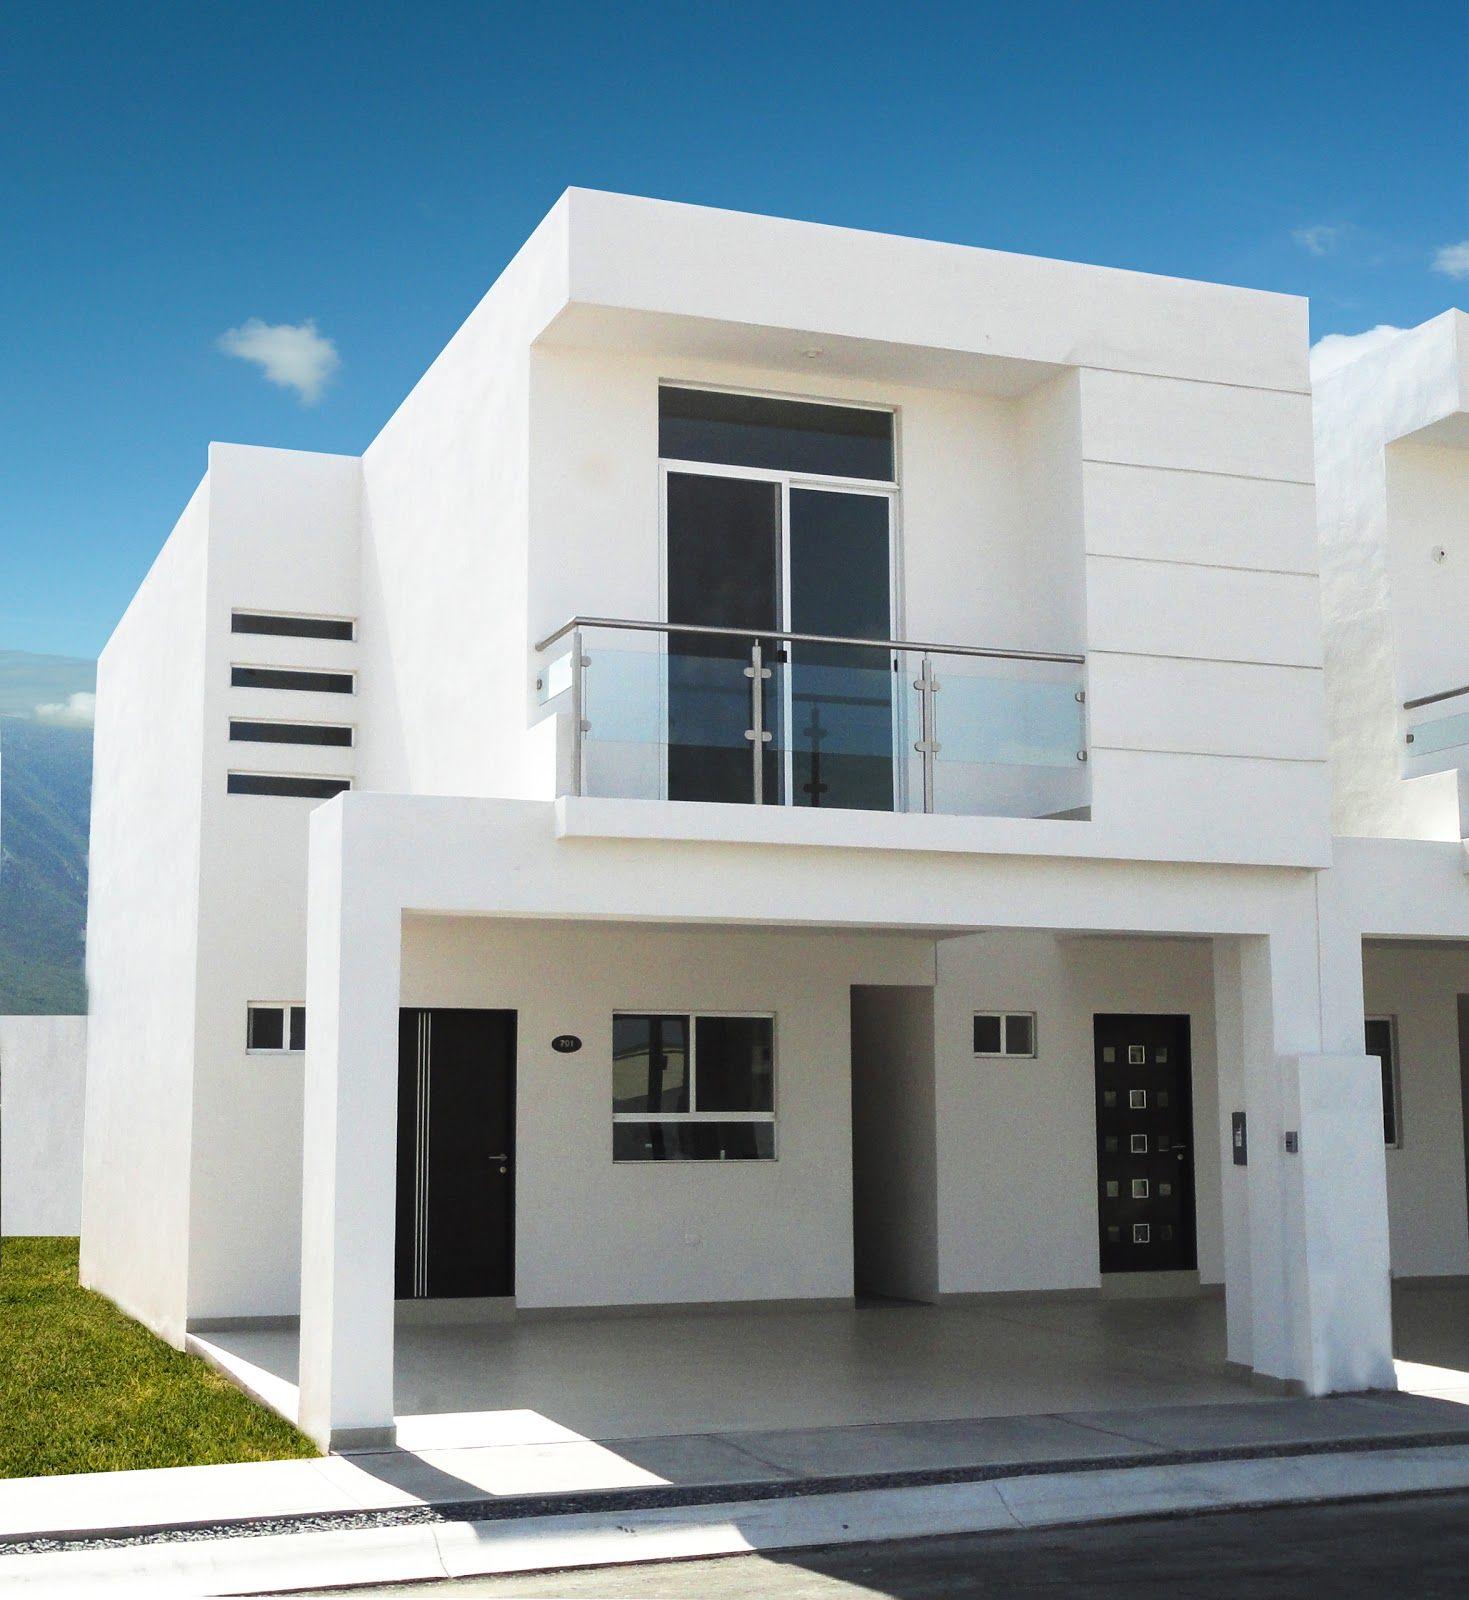 Casas en venta fotos e im genes de casas muestra for Imagenes de interiores de casas minimalistas